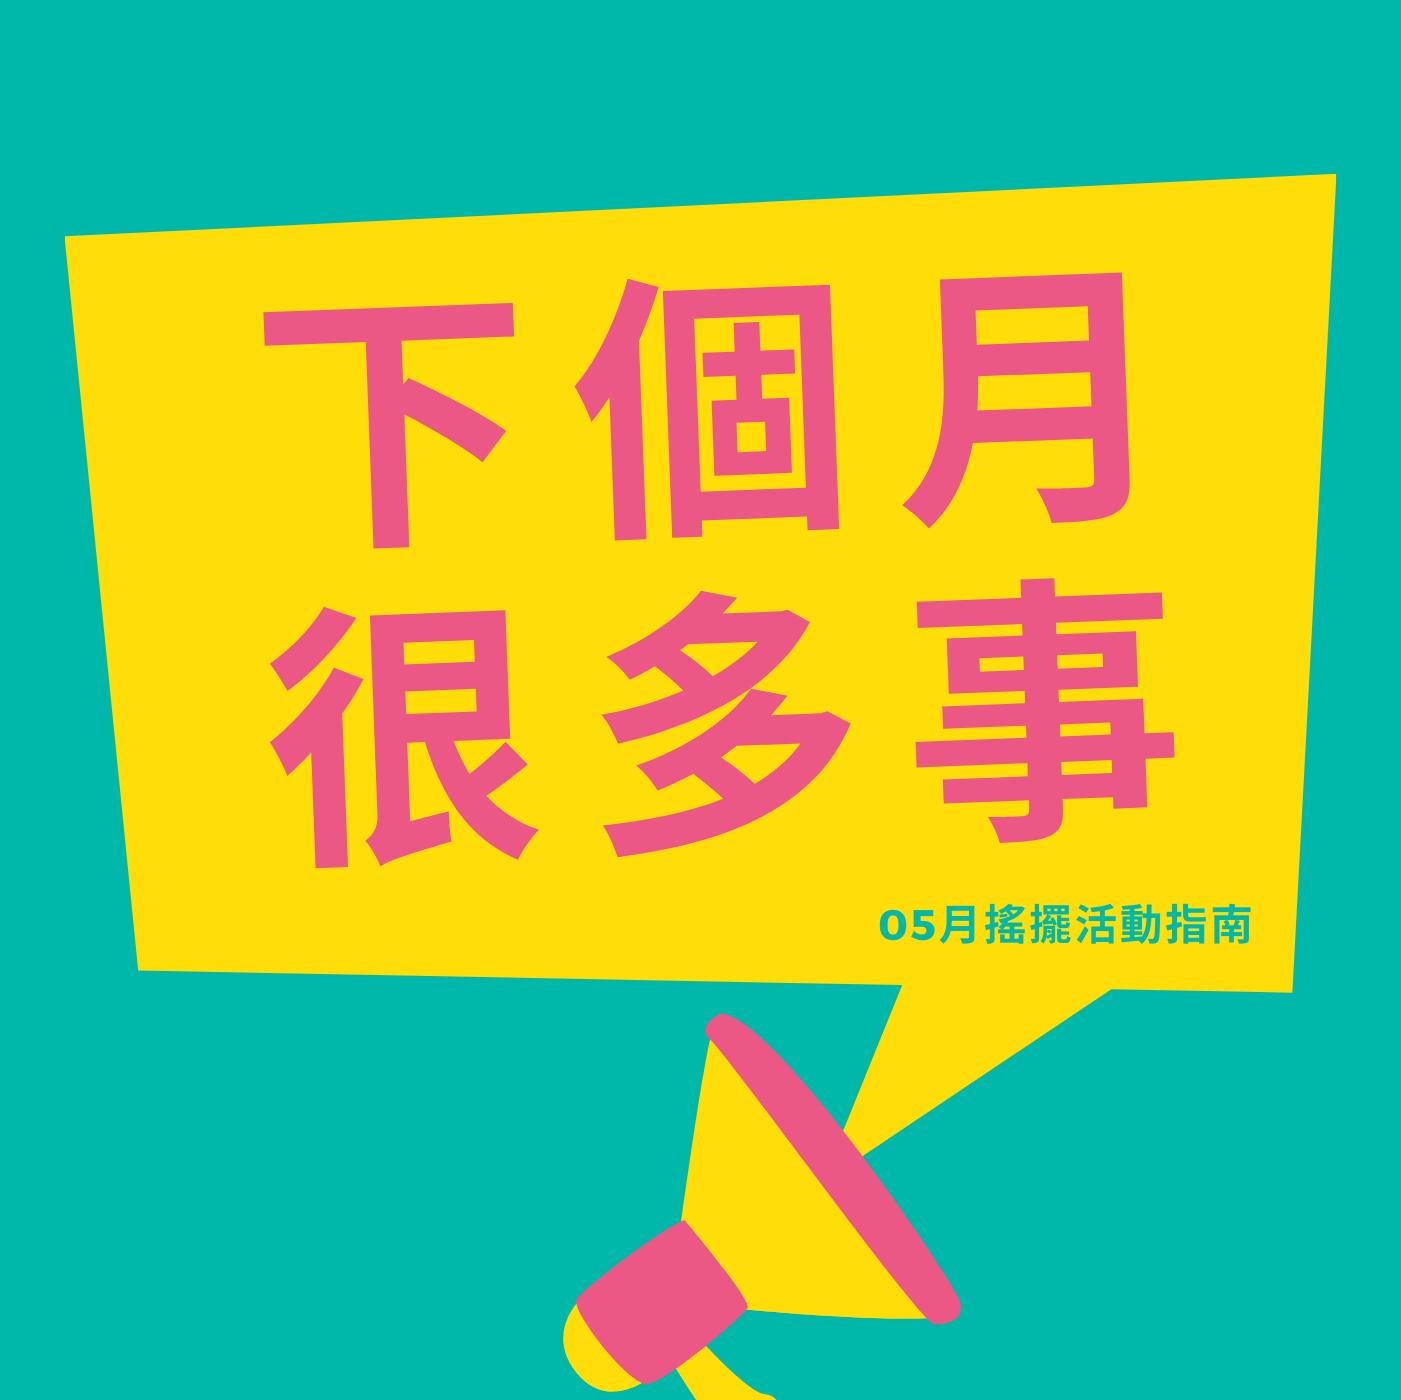 下個月很多事 05月搖擺活動指南 ft. Josh, 芷羚 里斯, 郭君